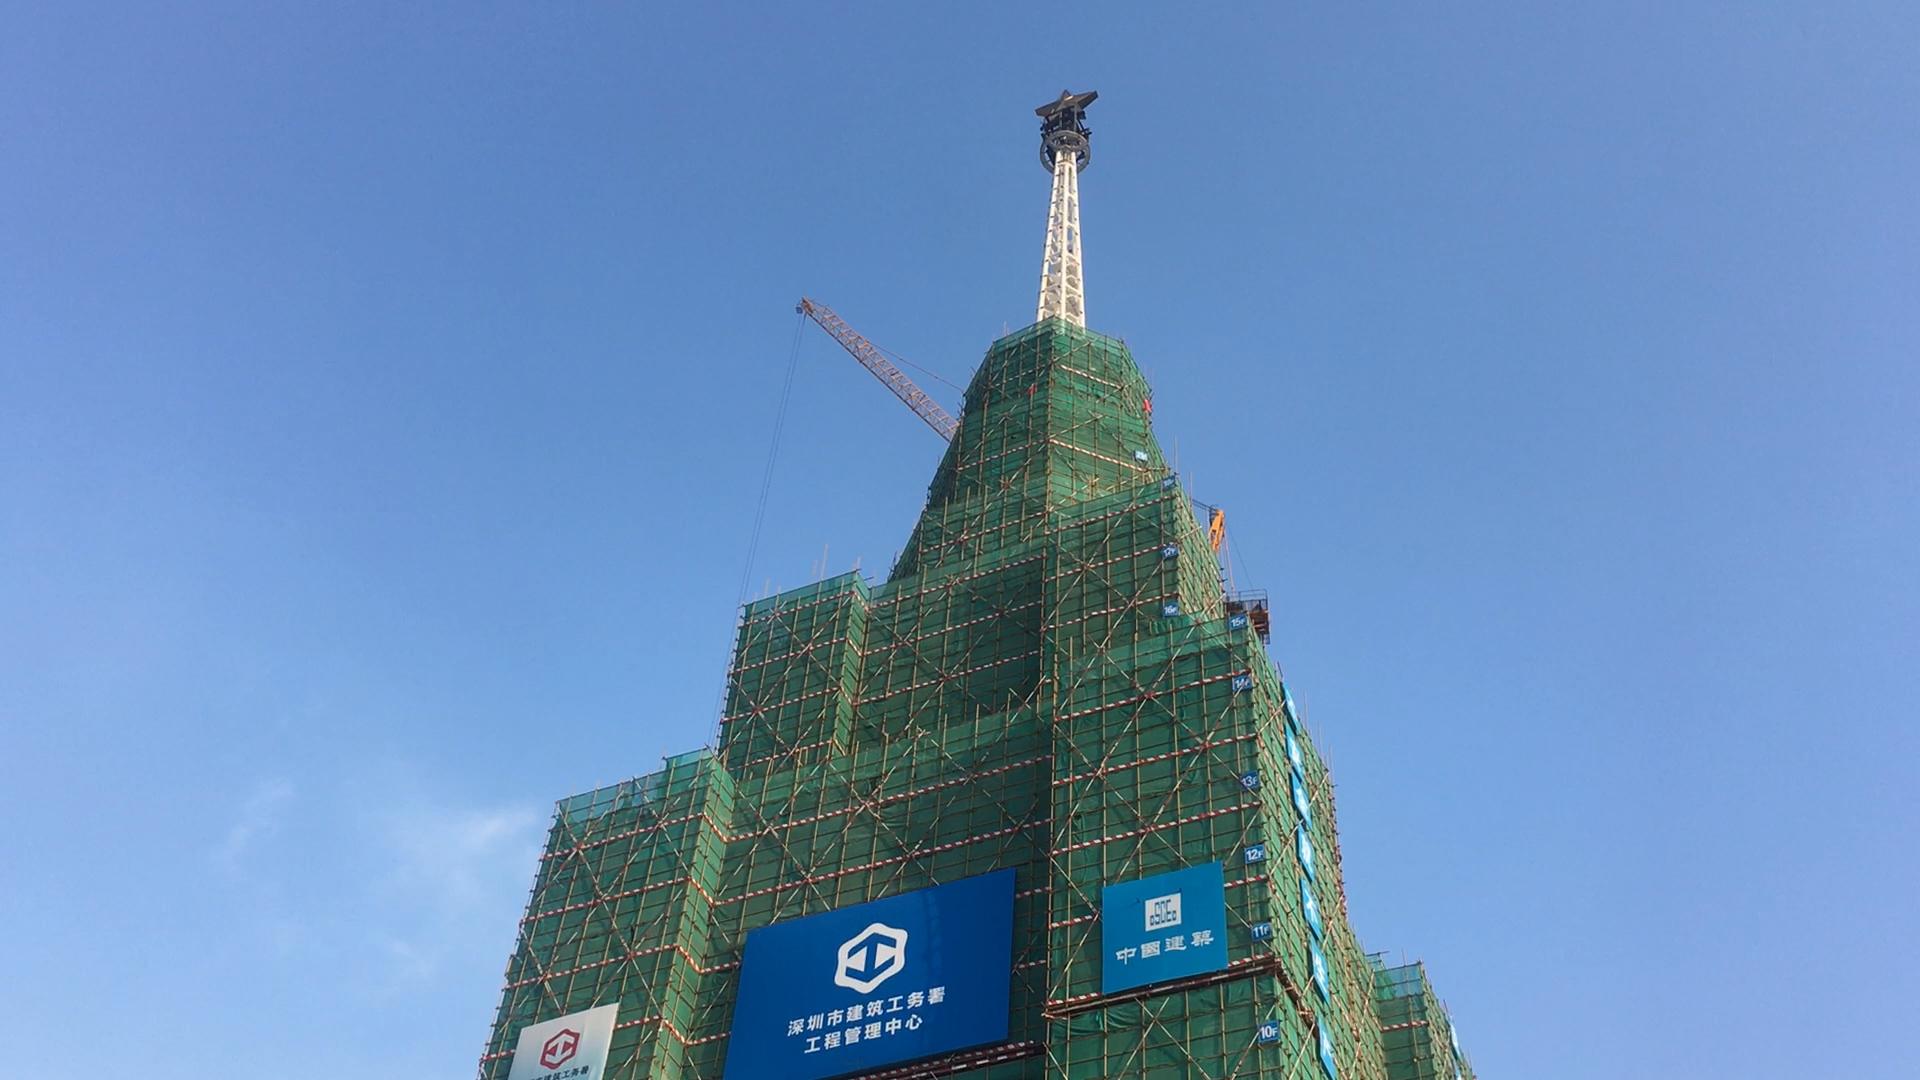 Сорок отважных и МГУ: что привезли в Гуанчжоу российские предприятия